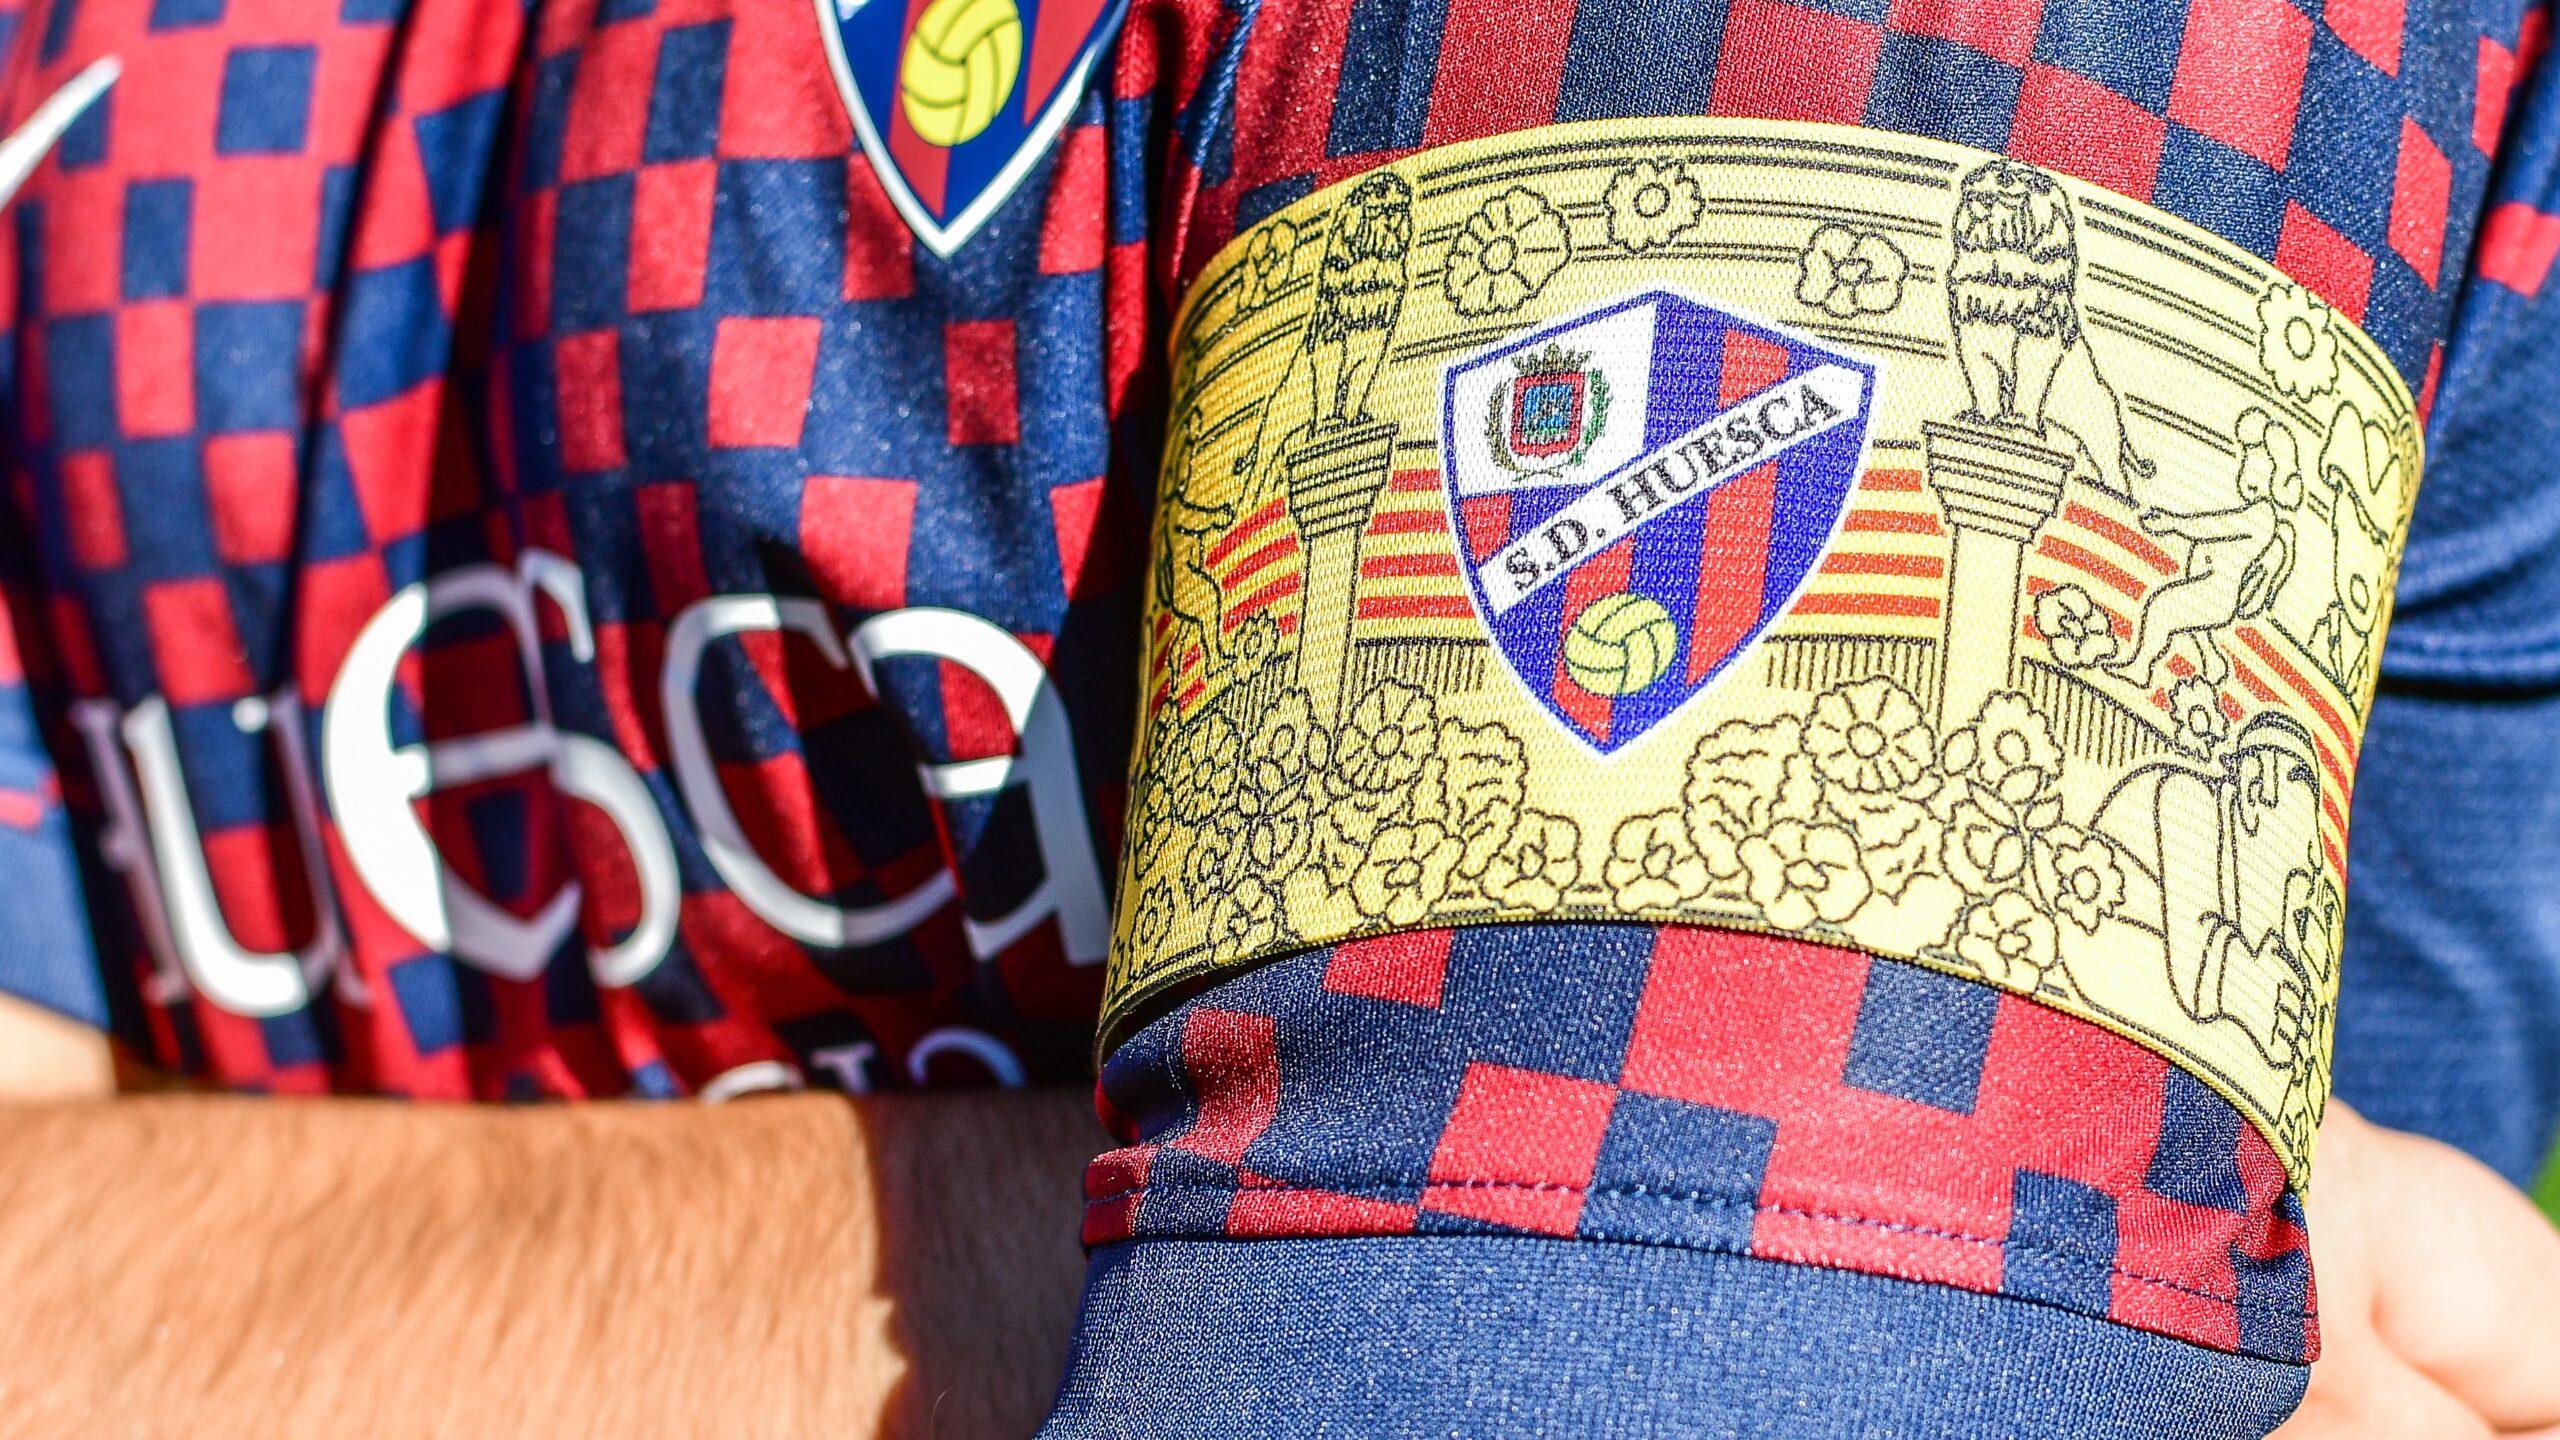 Brazalete Real Zaragoza vs SD Huesca